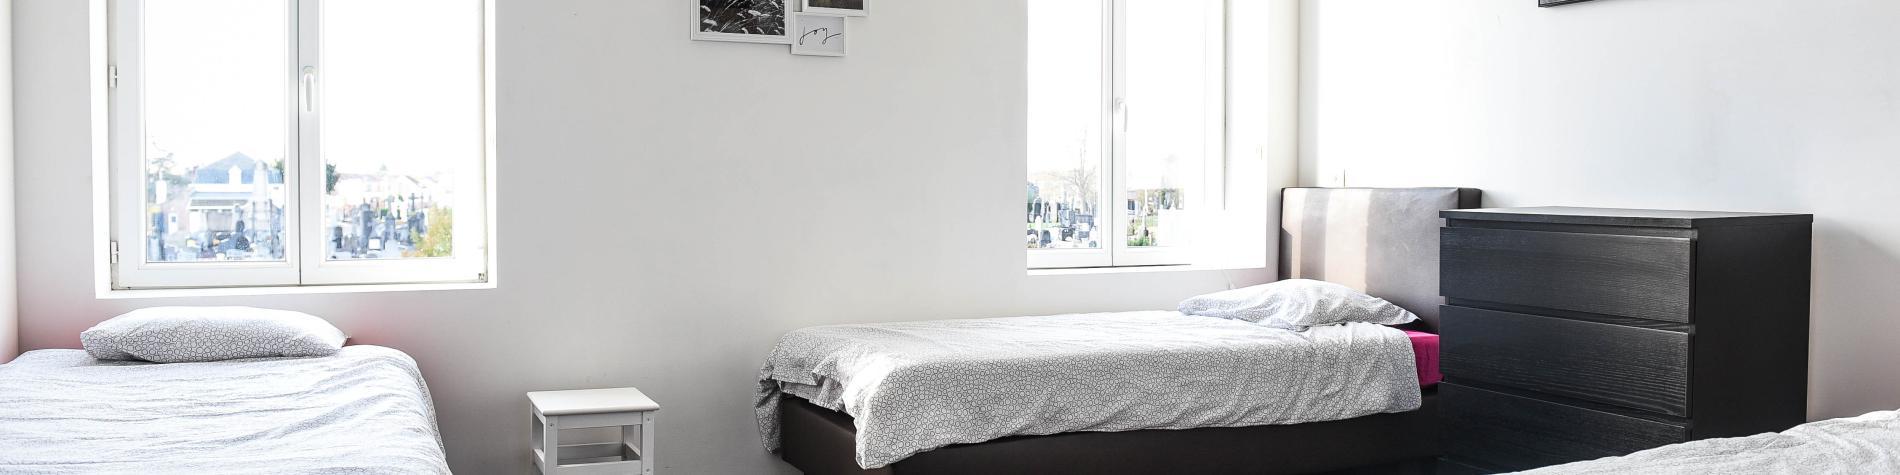 Chambres - Gîte « Le 42 » - La Howarderie